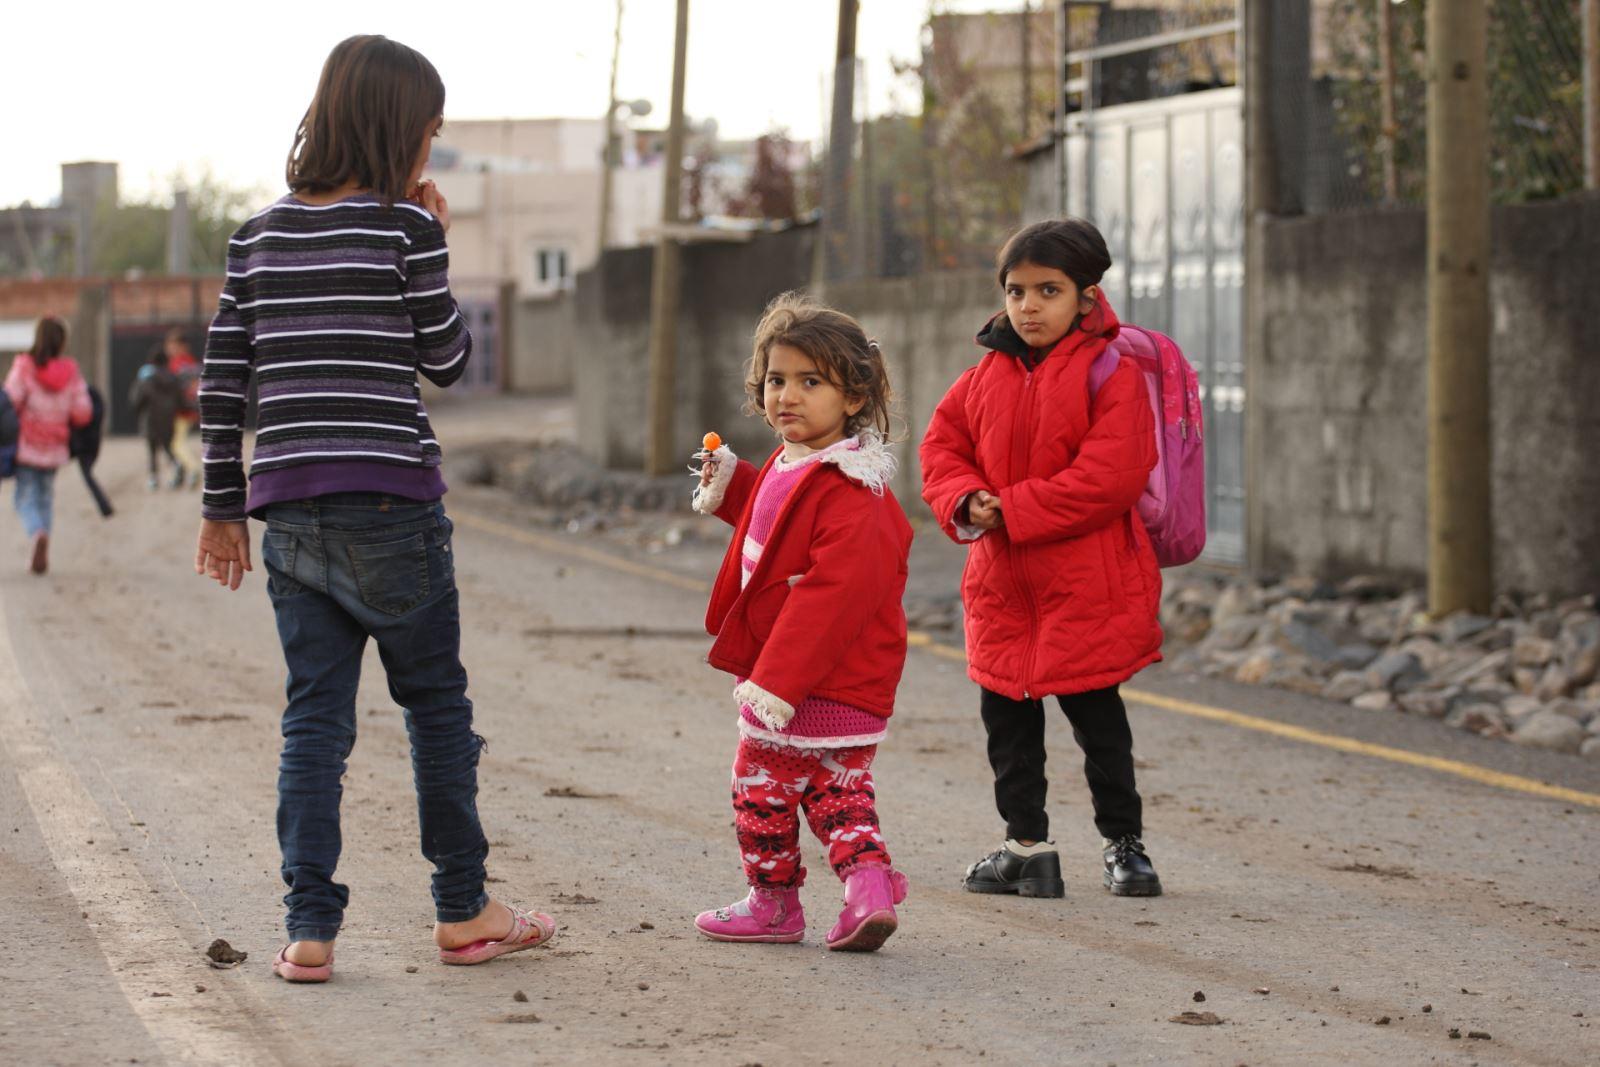 Umudun Adı: İlker Kül Ve 1000 Motorcu 1000 Çocuk Projesi 1. İçerik Fotoğrafı